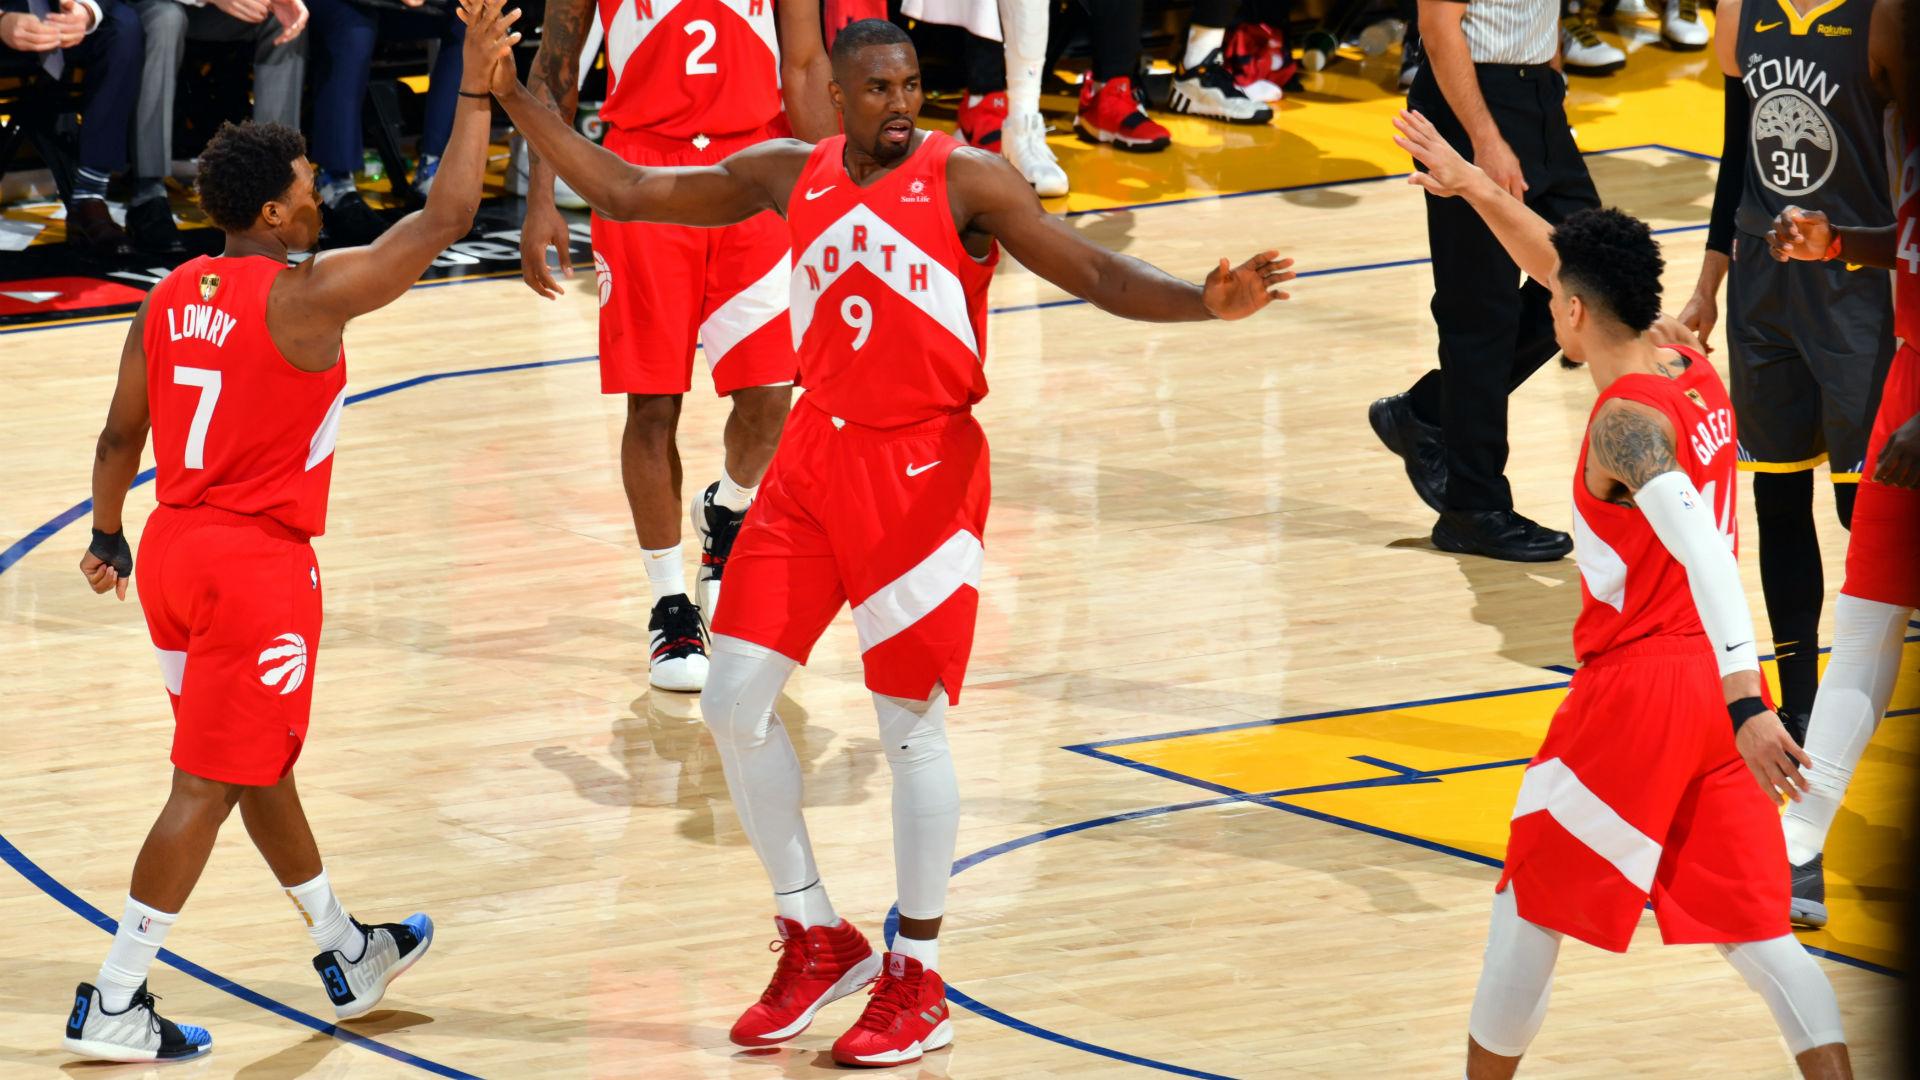 Nba Finals 2019 Golden State Warriors Vs Toronto Raptors